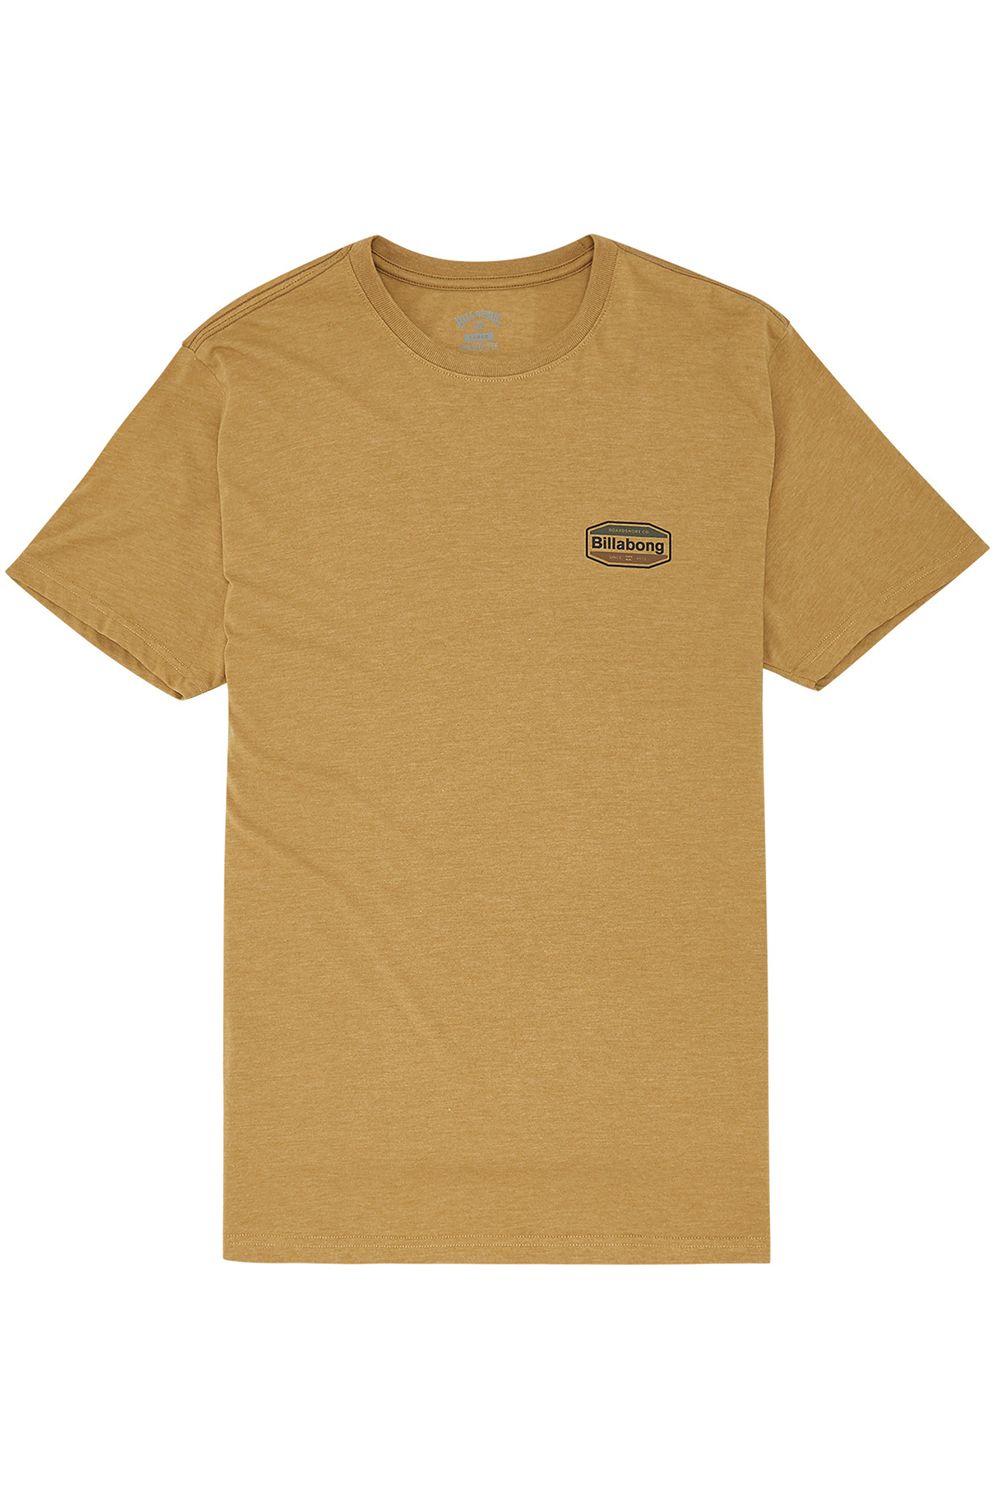 T-Shirt Billabong GOLD COAST Gold